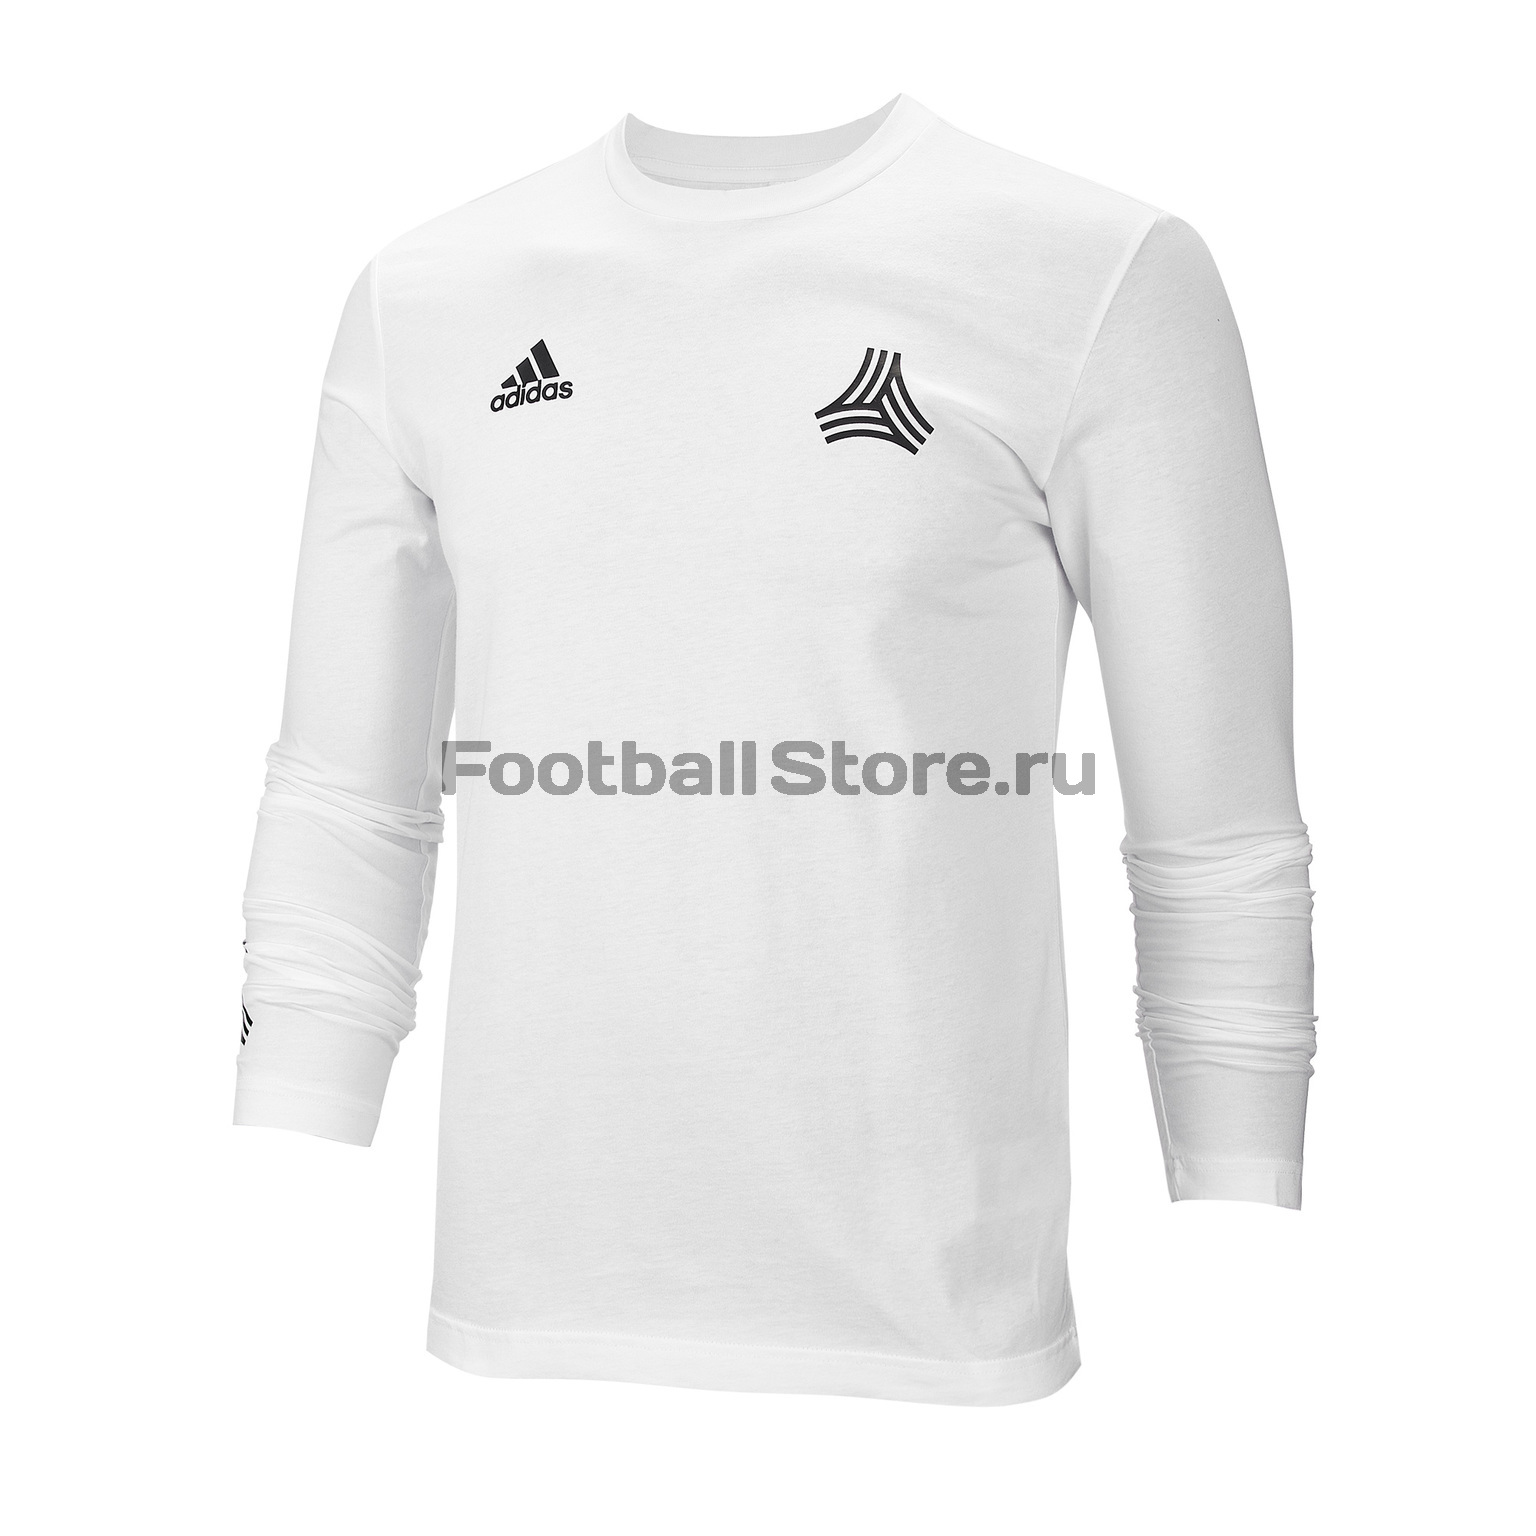 Футболка с длинным рукавом Adidas Tan Gr Tee LS DP2688 футболка с длинным рукавом adidas tango tee dj1498